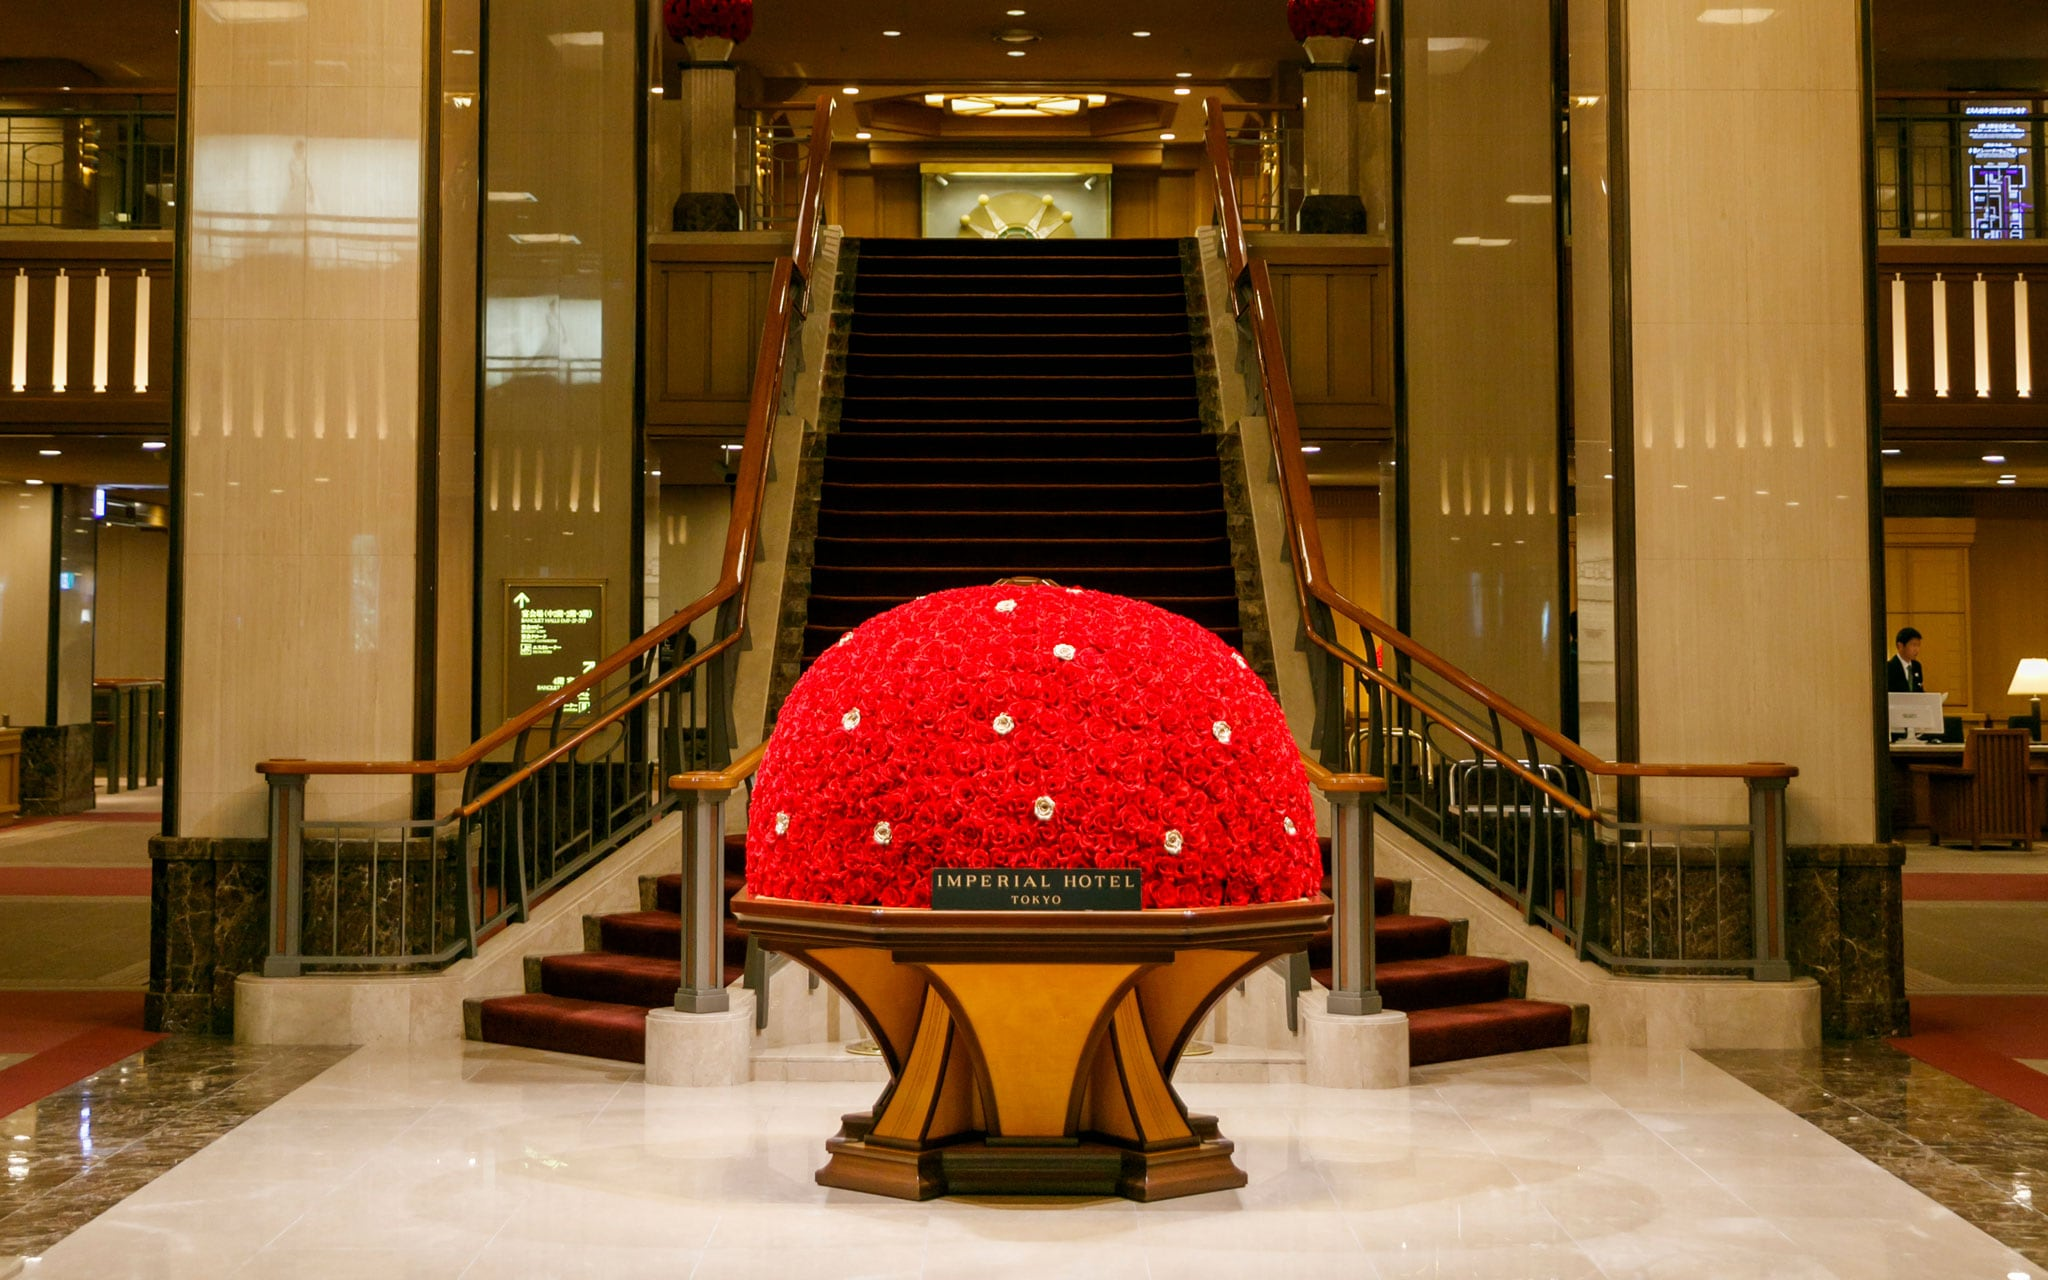 帝国ホテル 東京[日比谷]1週間のホテル暮らしを贅沢に堪能